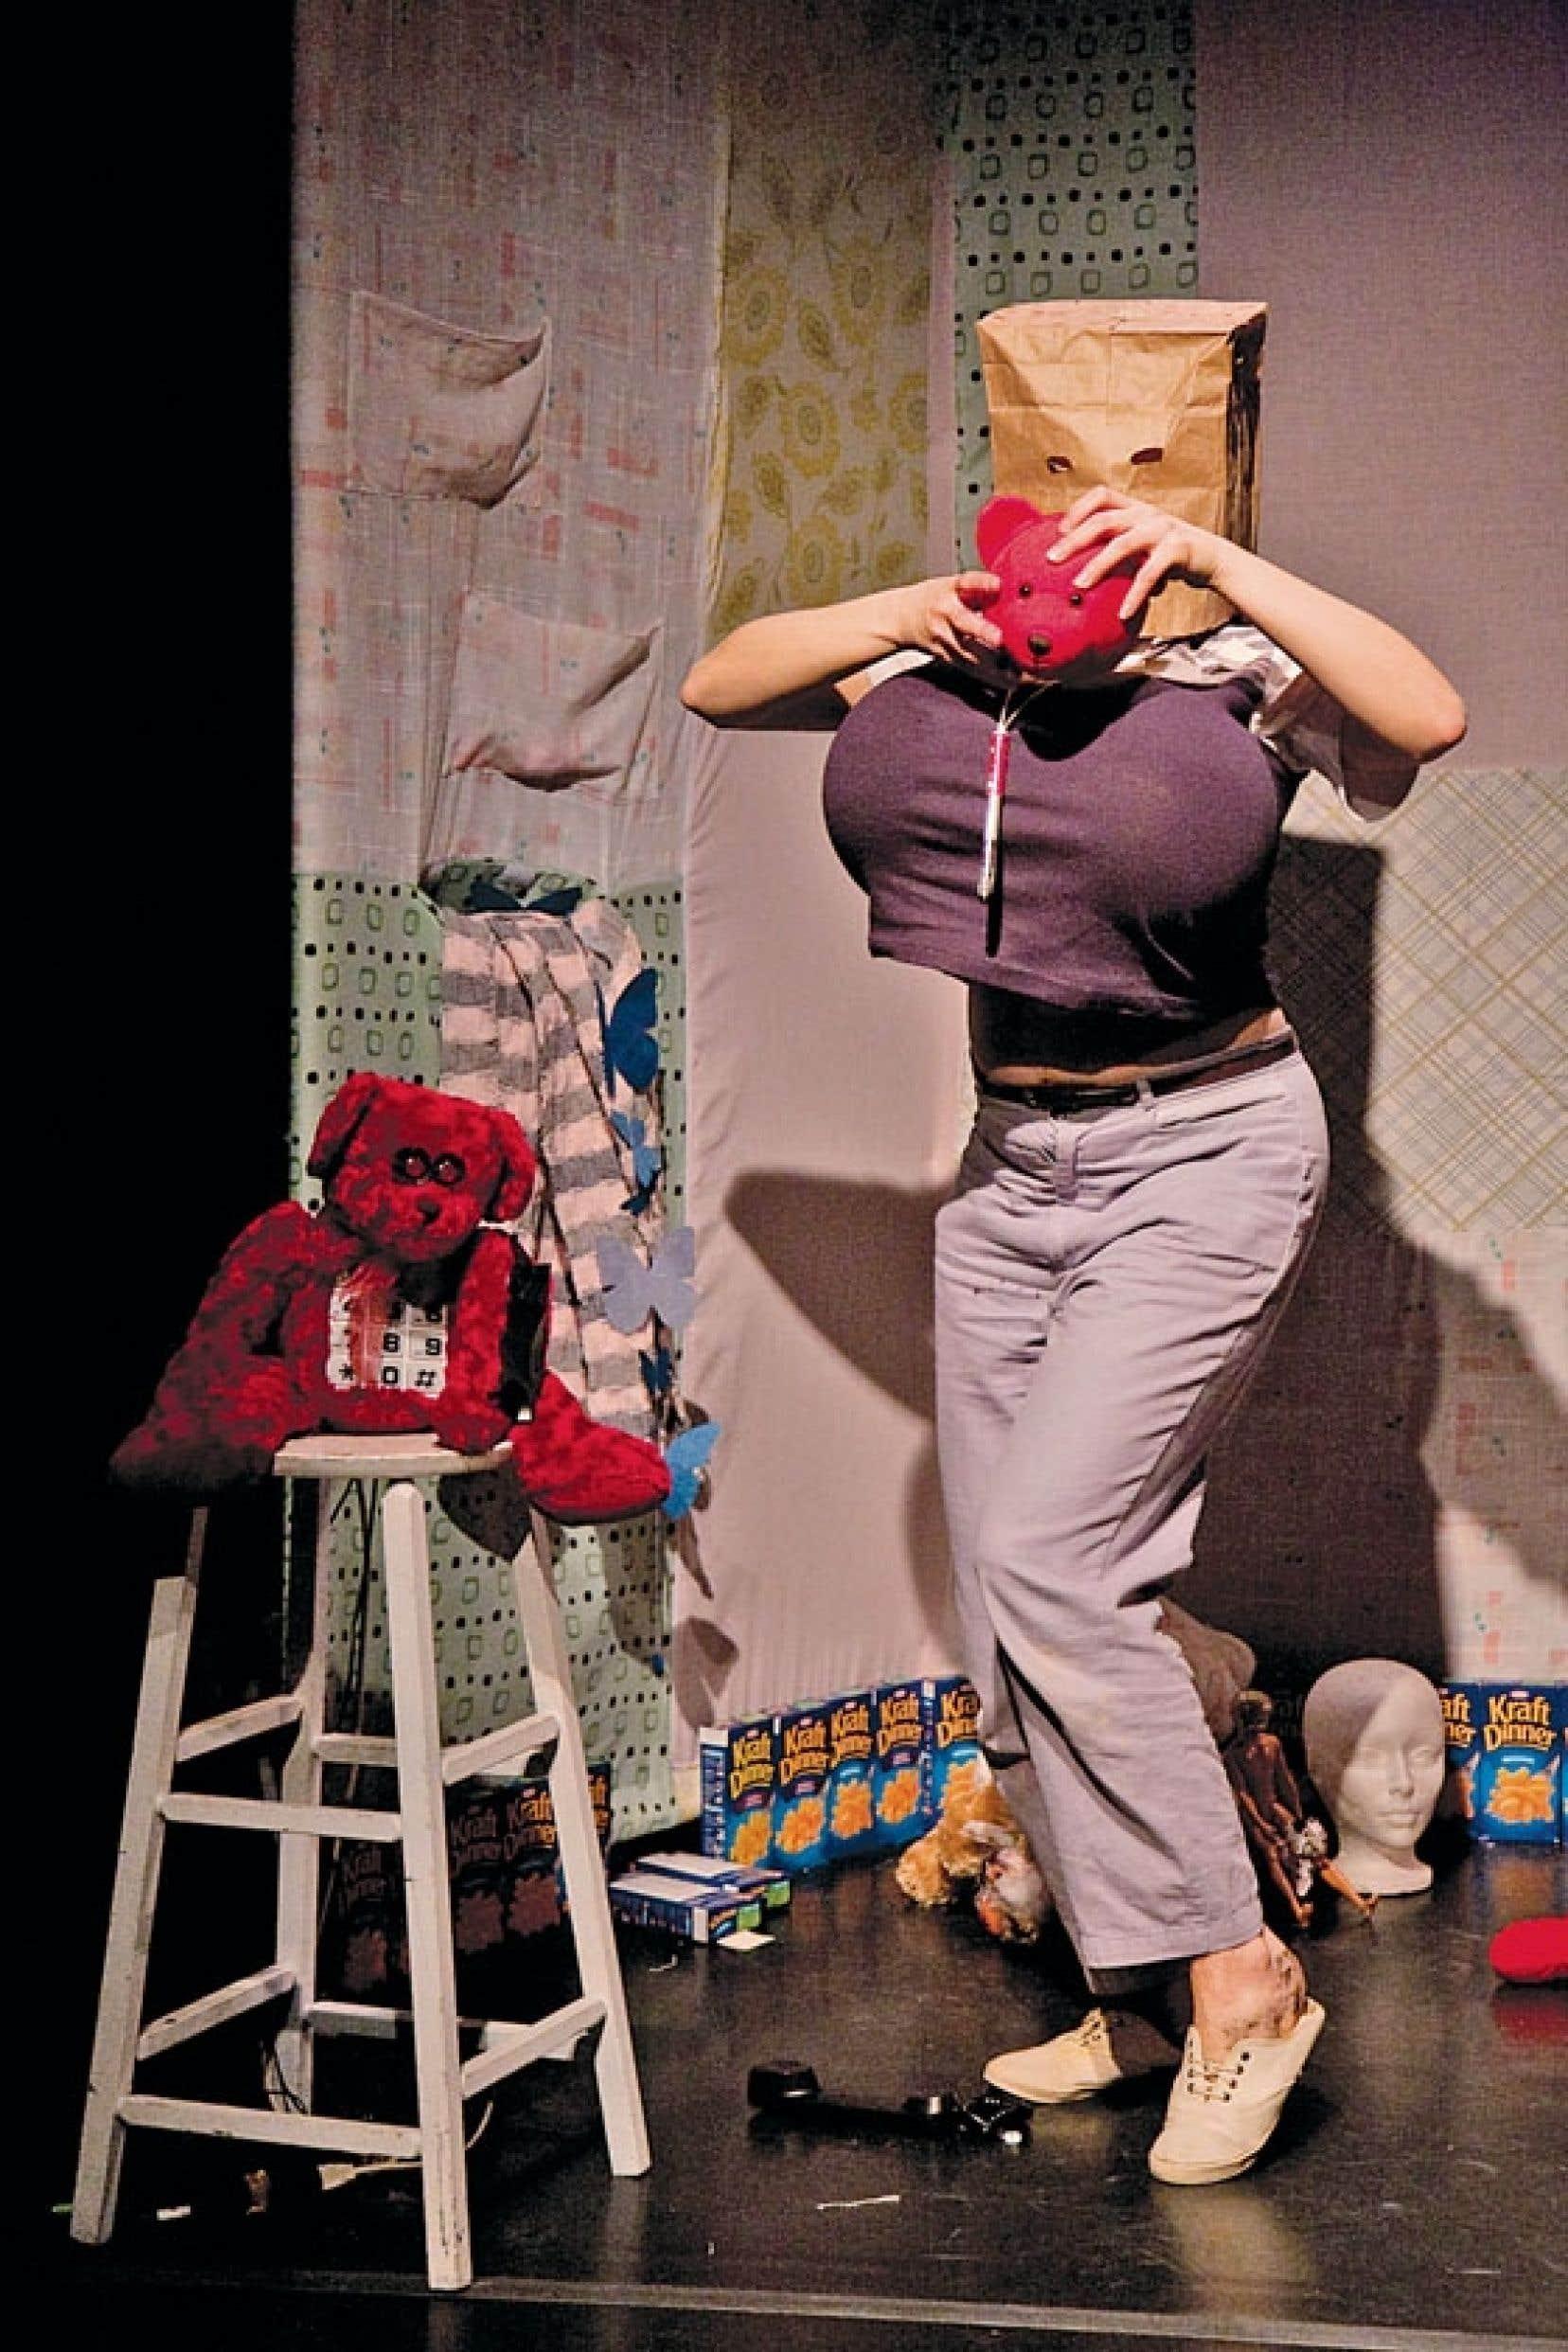 La pièce Gabie ausculte la vie d'une adulte-enfant, interprétée par la comédienne Caroline Gendron.